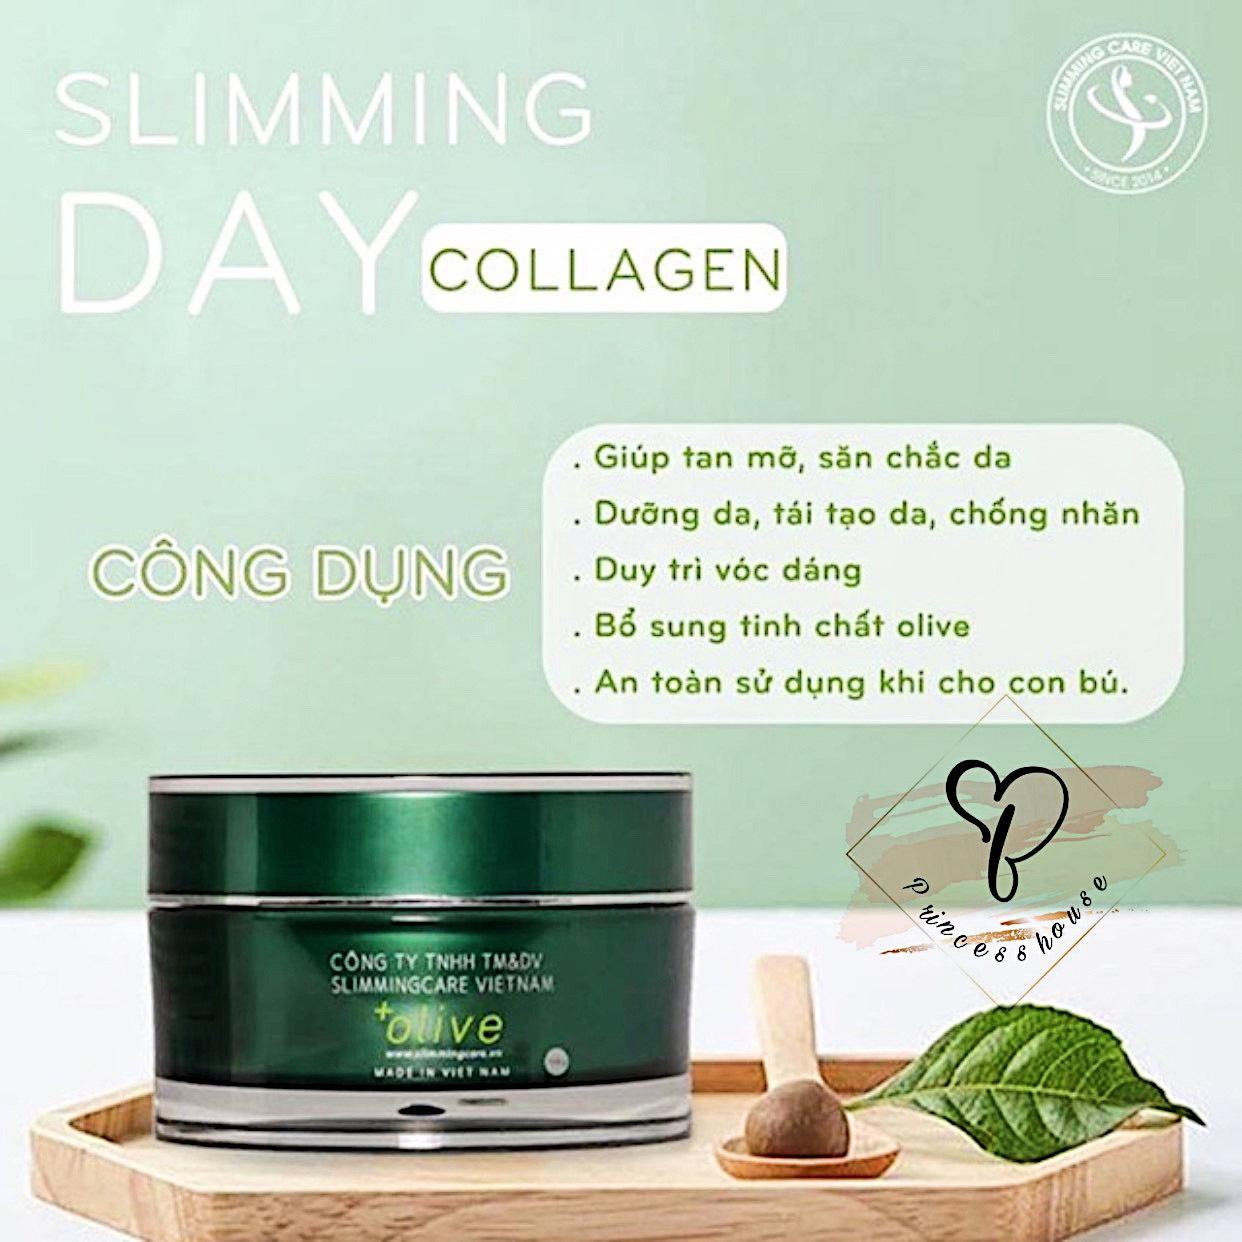 kem slimming day colagen)